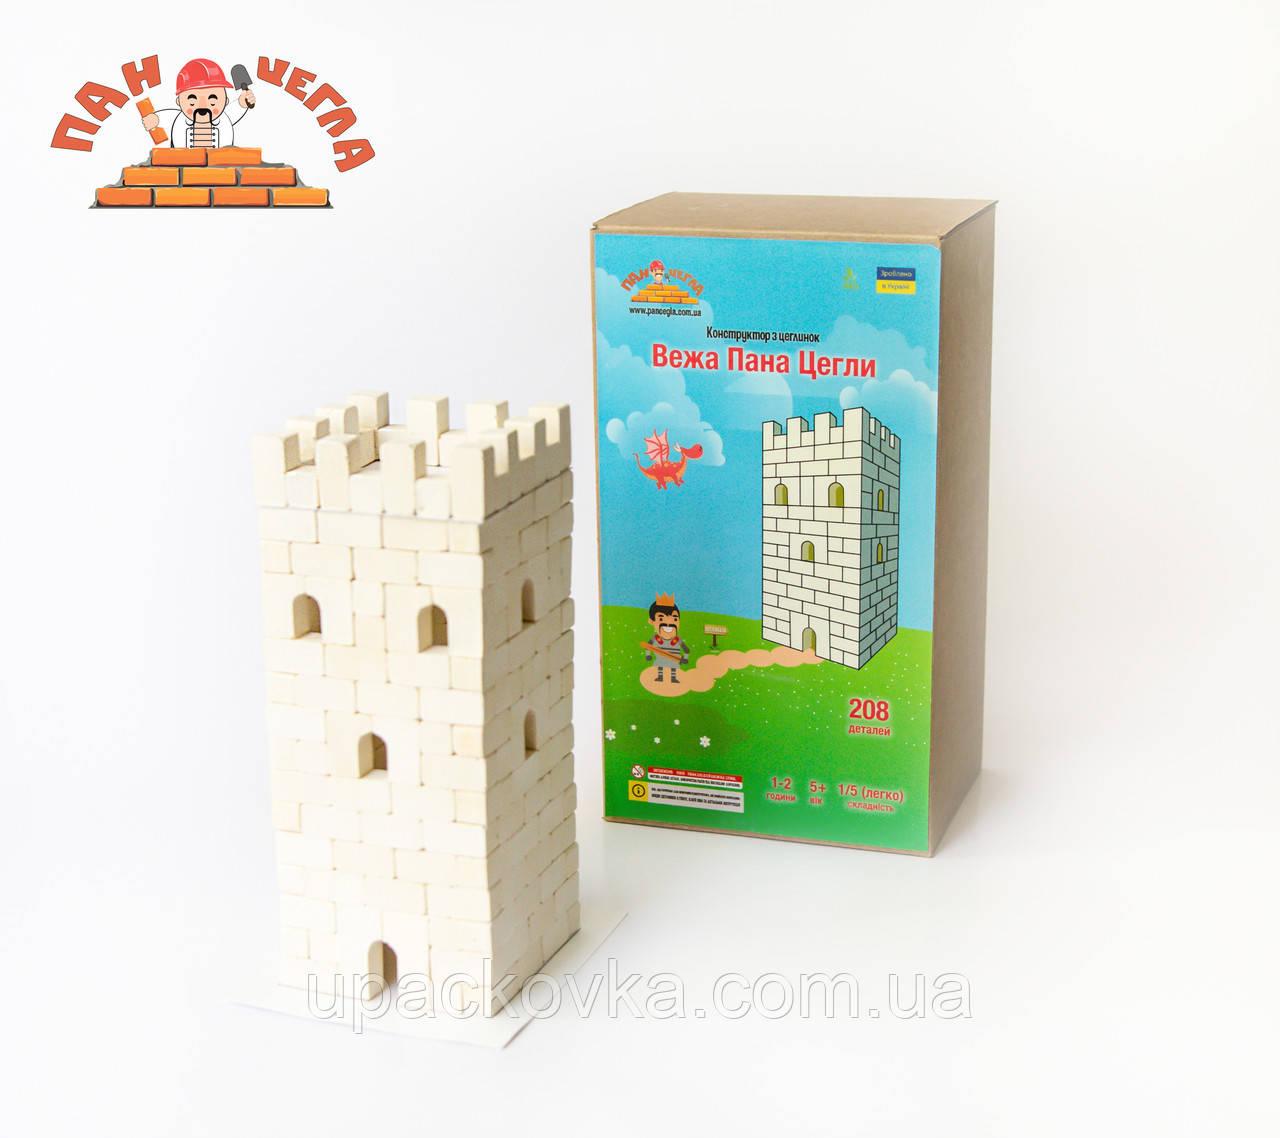 Башня Пана Цеглы